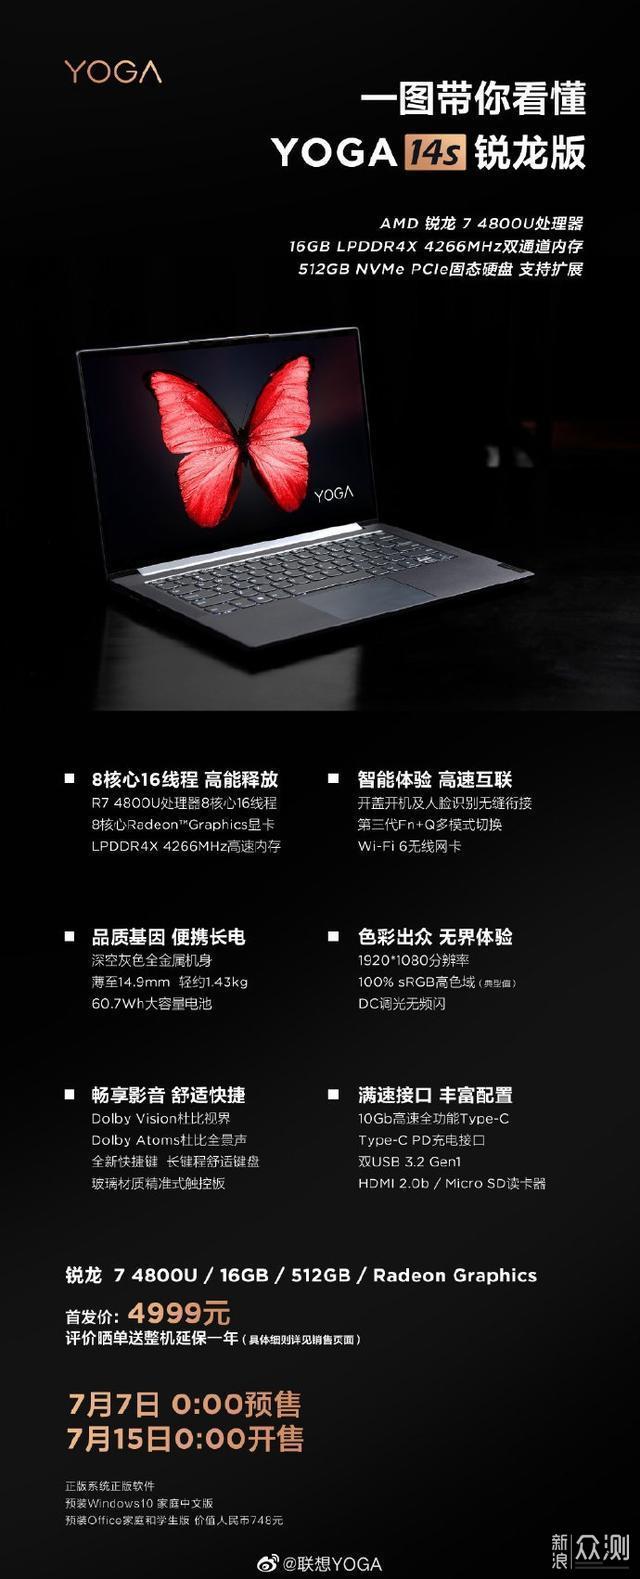 近期新品笔记本盘点:十代酷睿 vs AMD锐龙R7_新浪众测